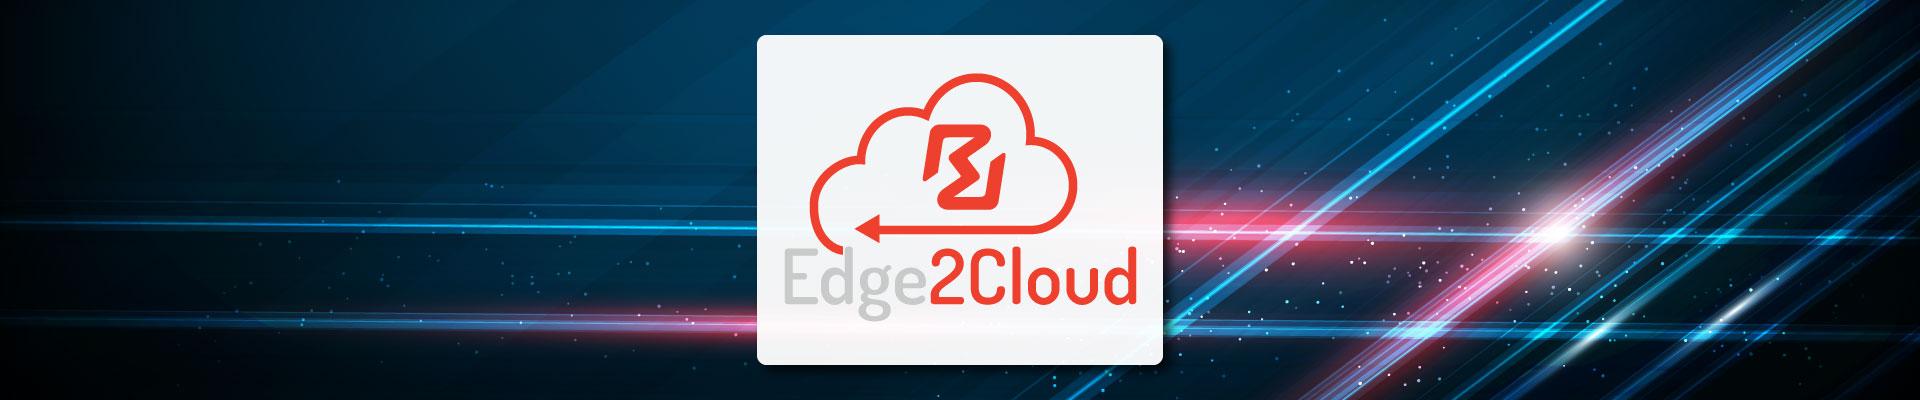 Edge2Cloud-Banner